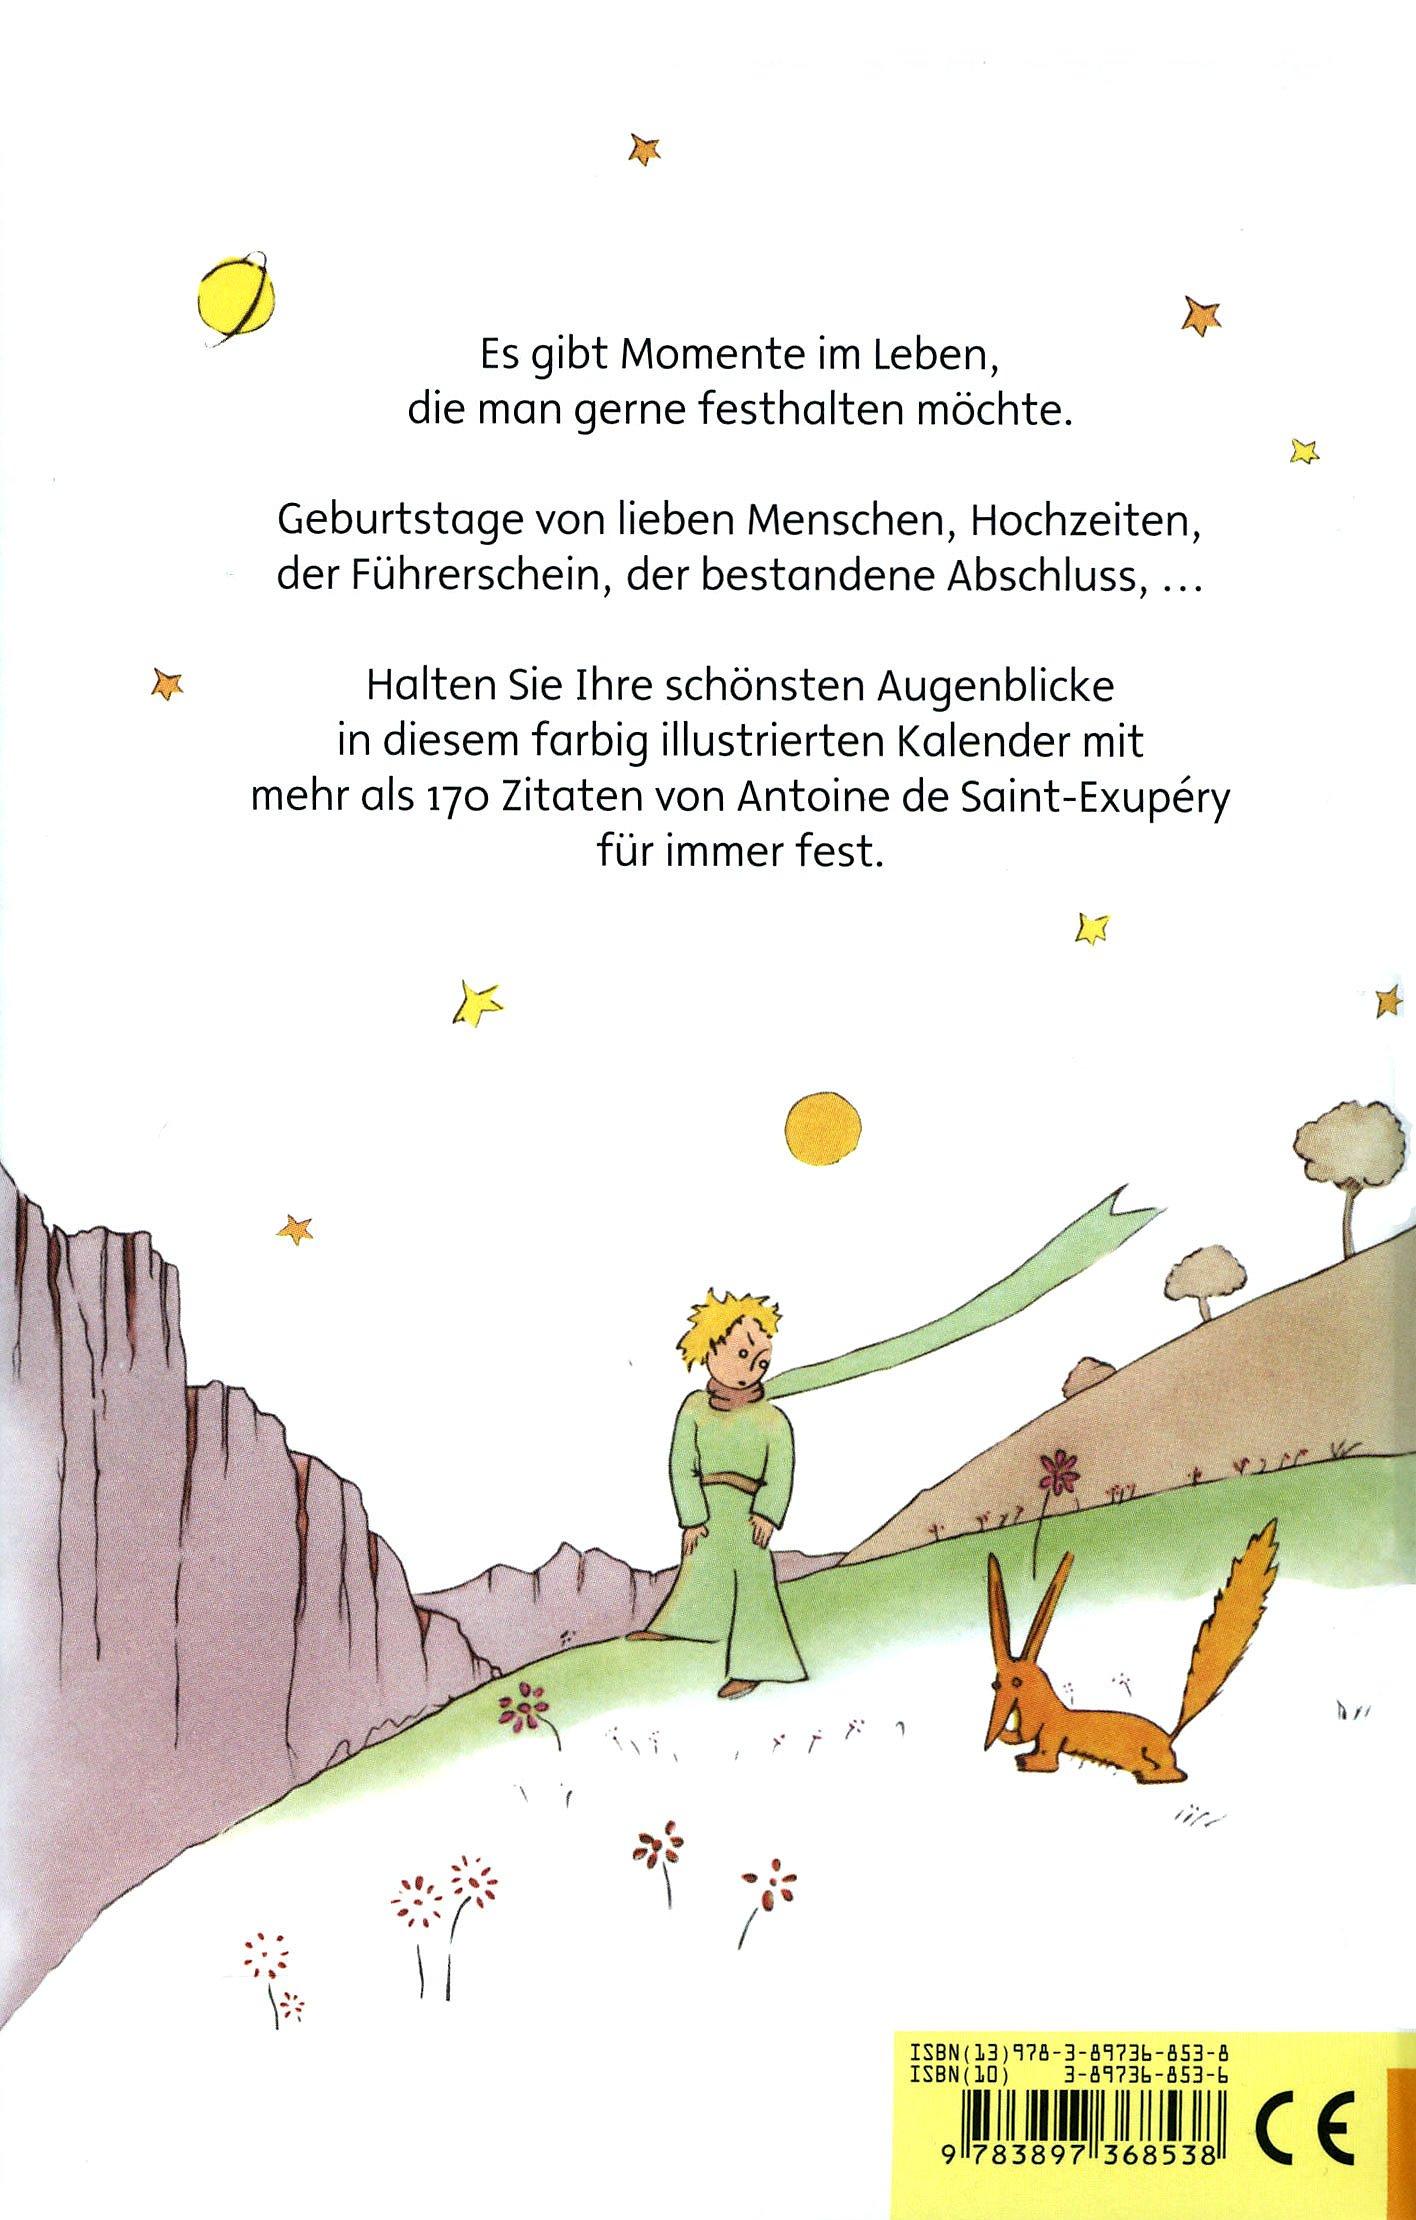 Der Kleine Prinz Immer Währender Kalender Buch Weltbild Ch